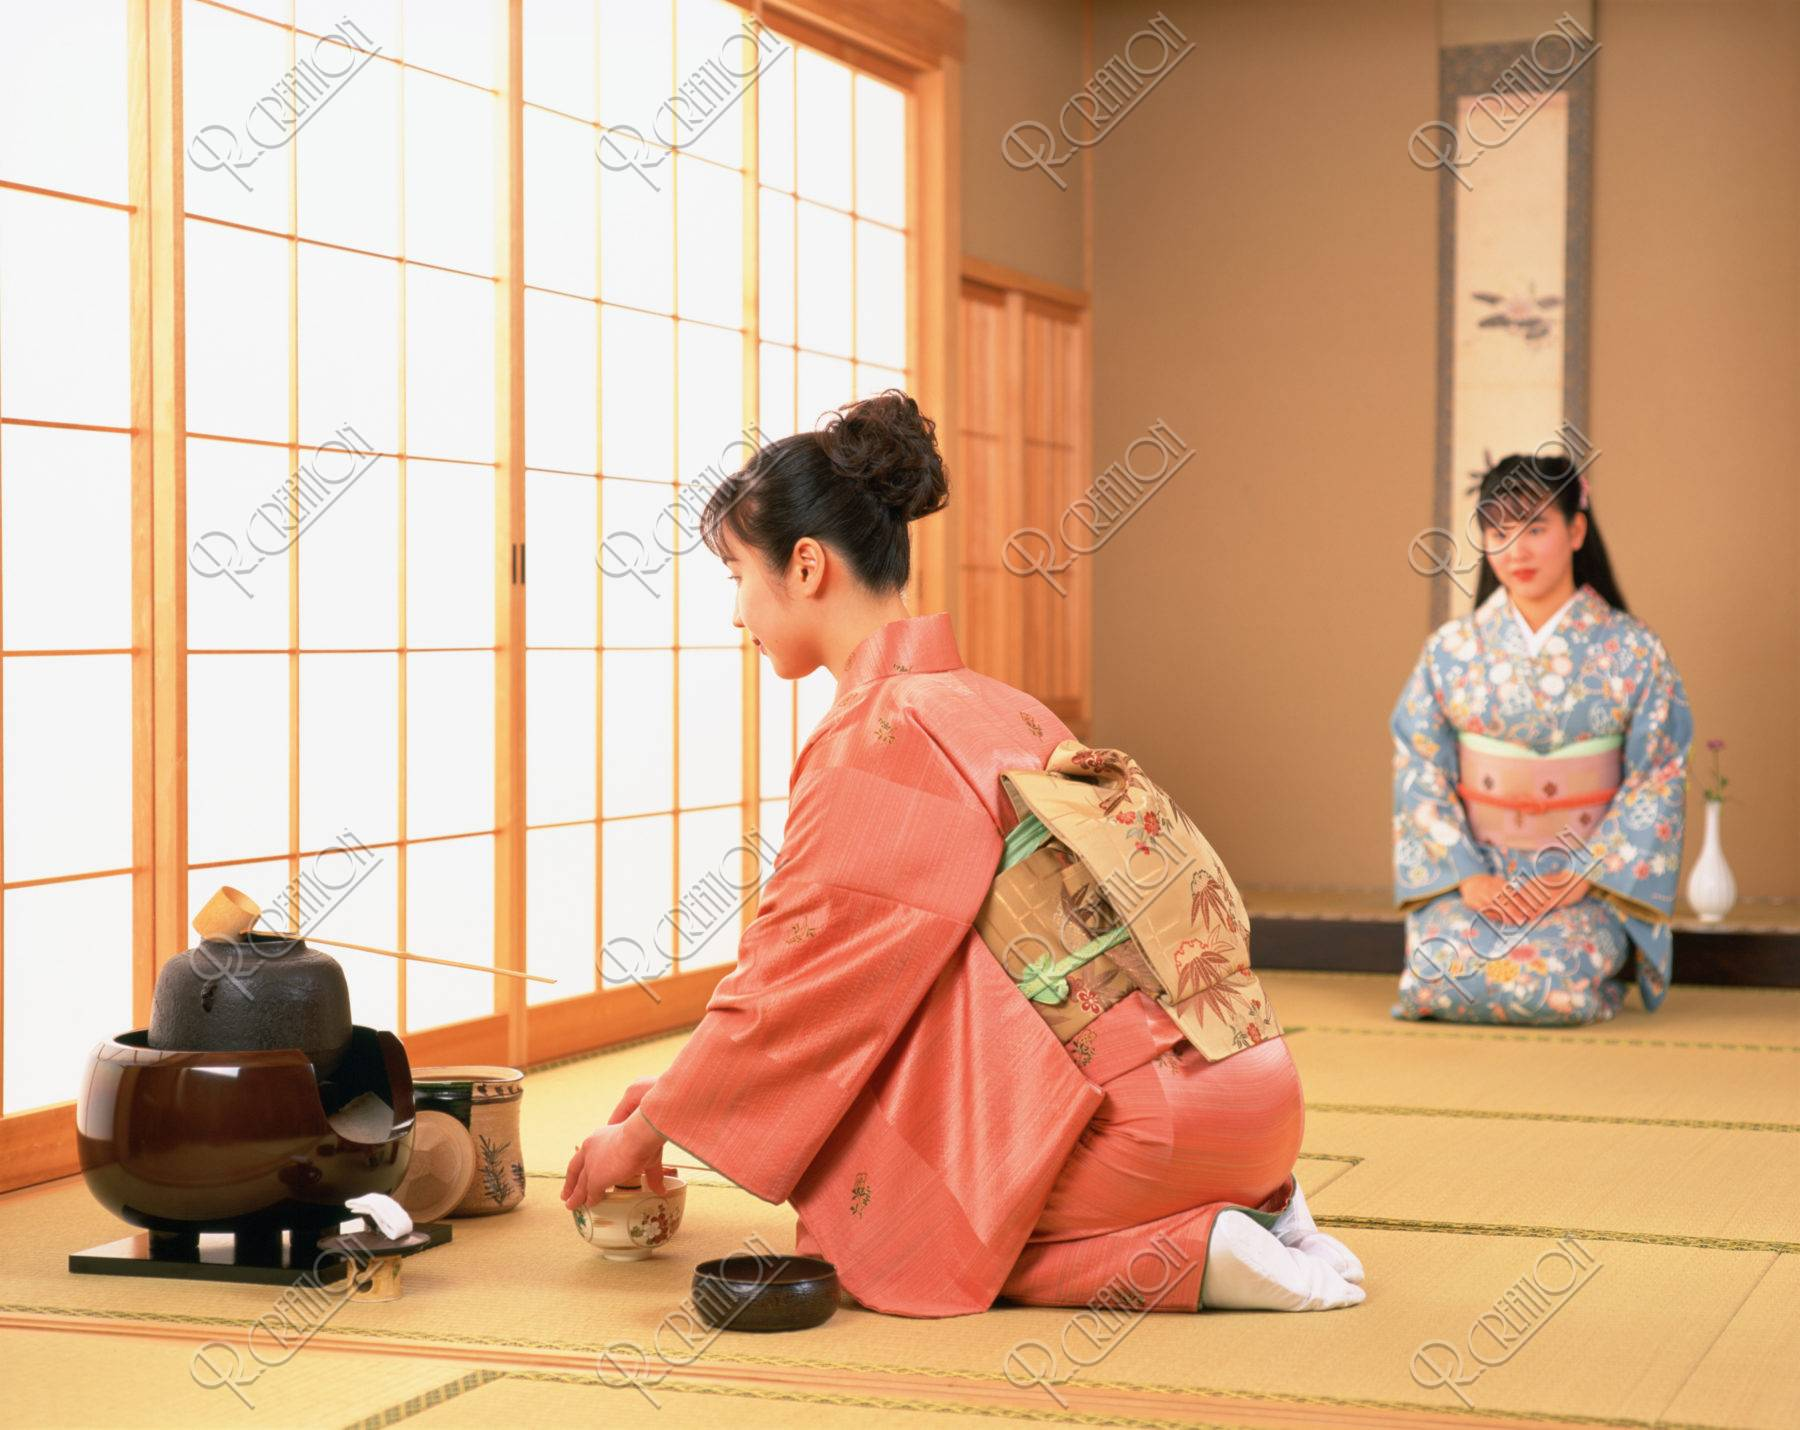 茶道の女性(二人)